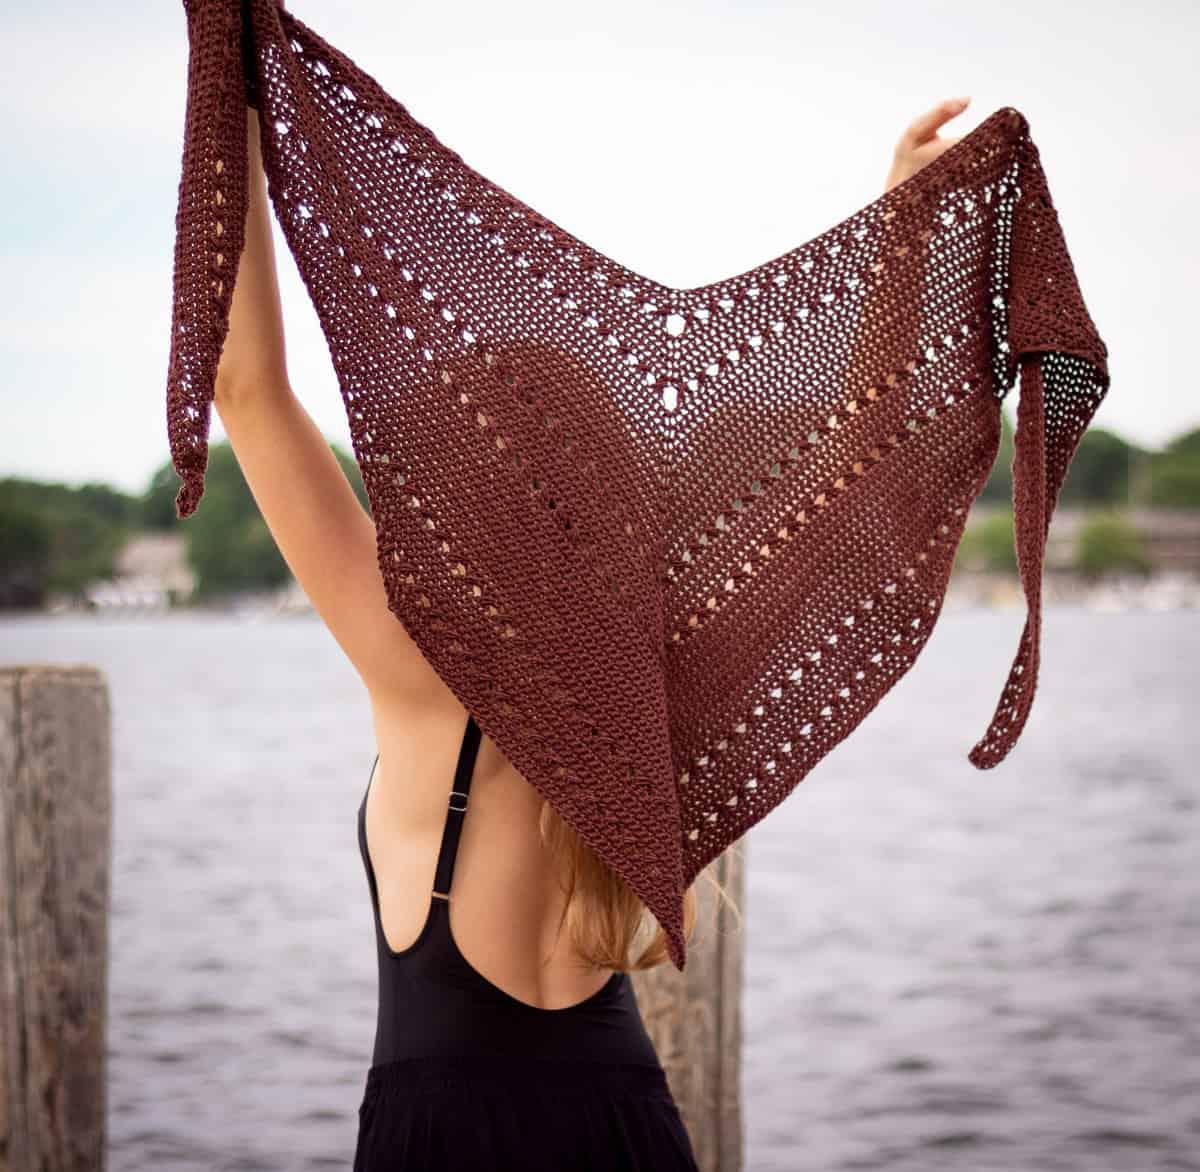 Das Hauptbild des Seaside-Schals zeigt den Schal, der in die Luft gehalten wird, um die einzigartig verjüngte Dreiecksform zu zeigen, die auf viele Arten getragen werden kann